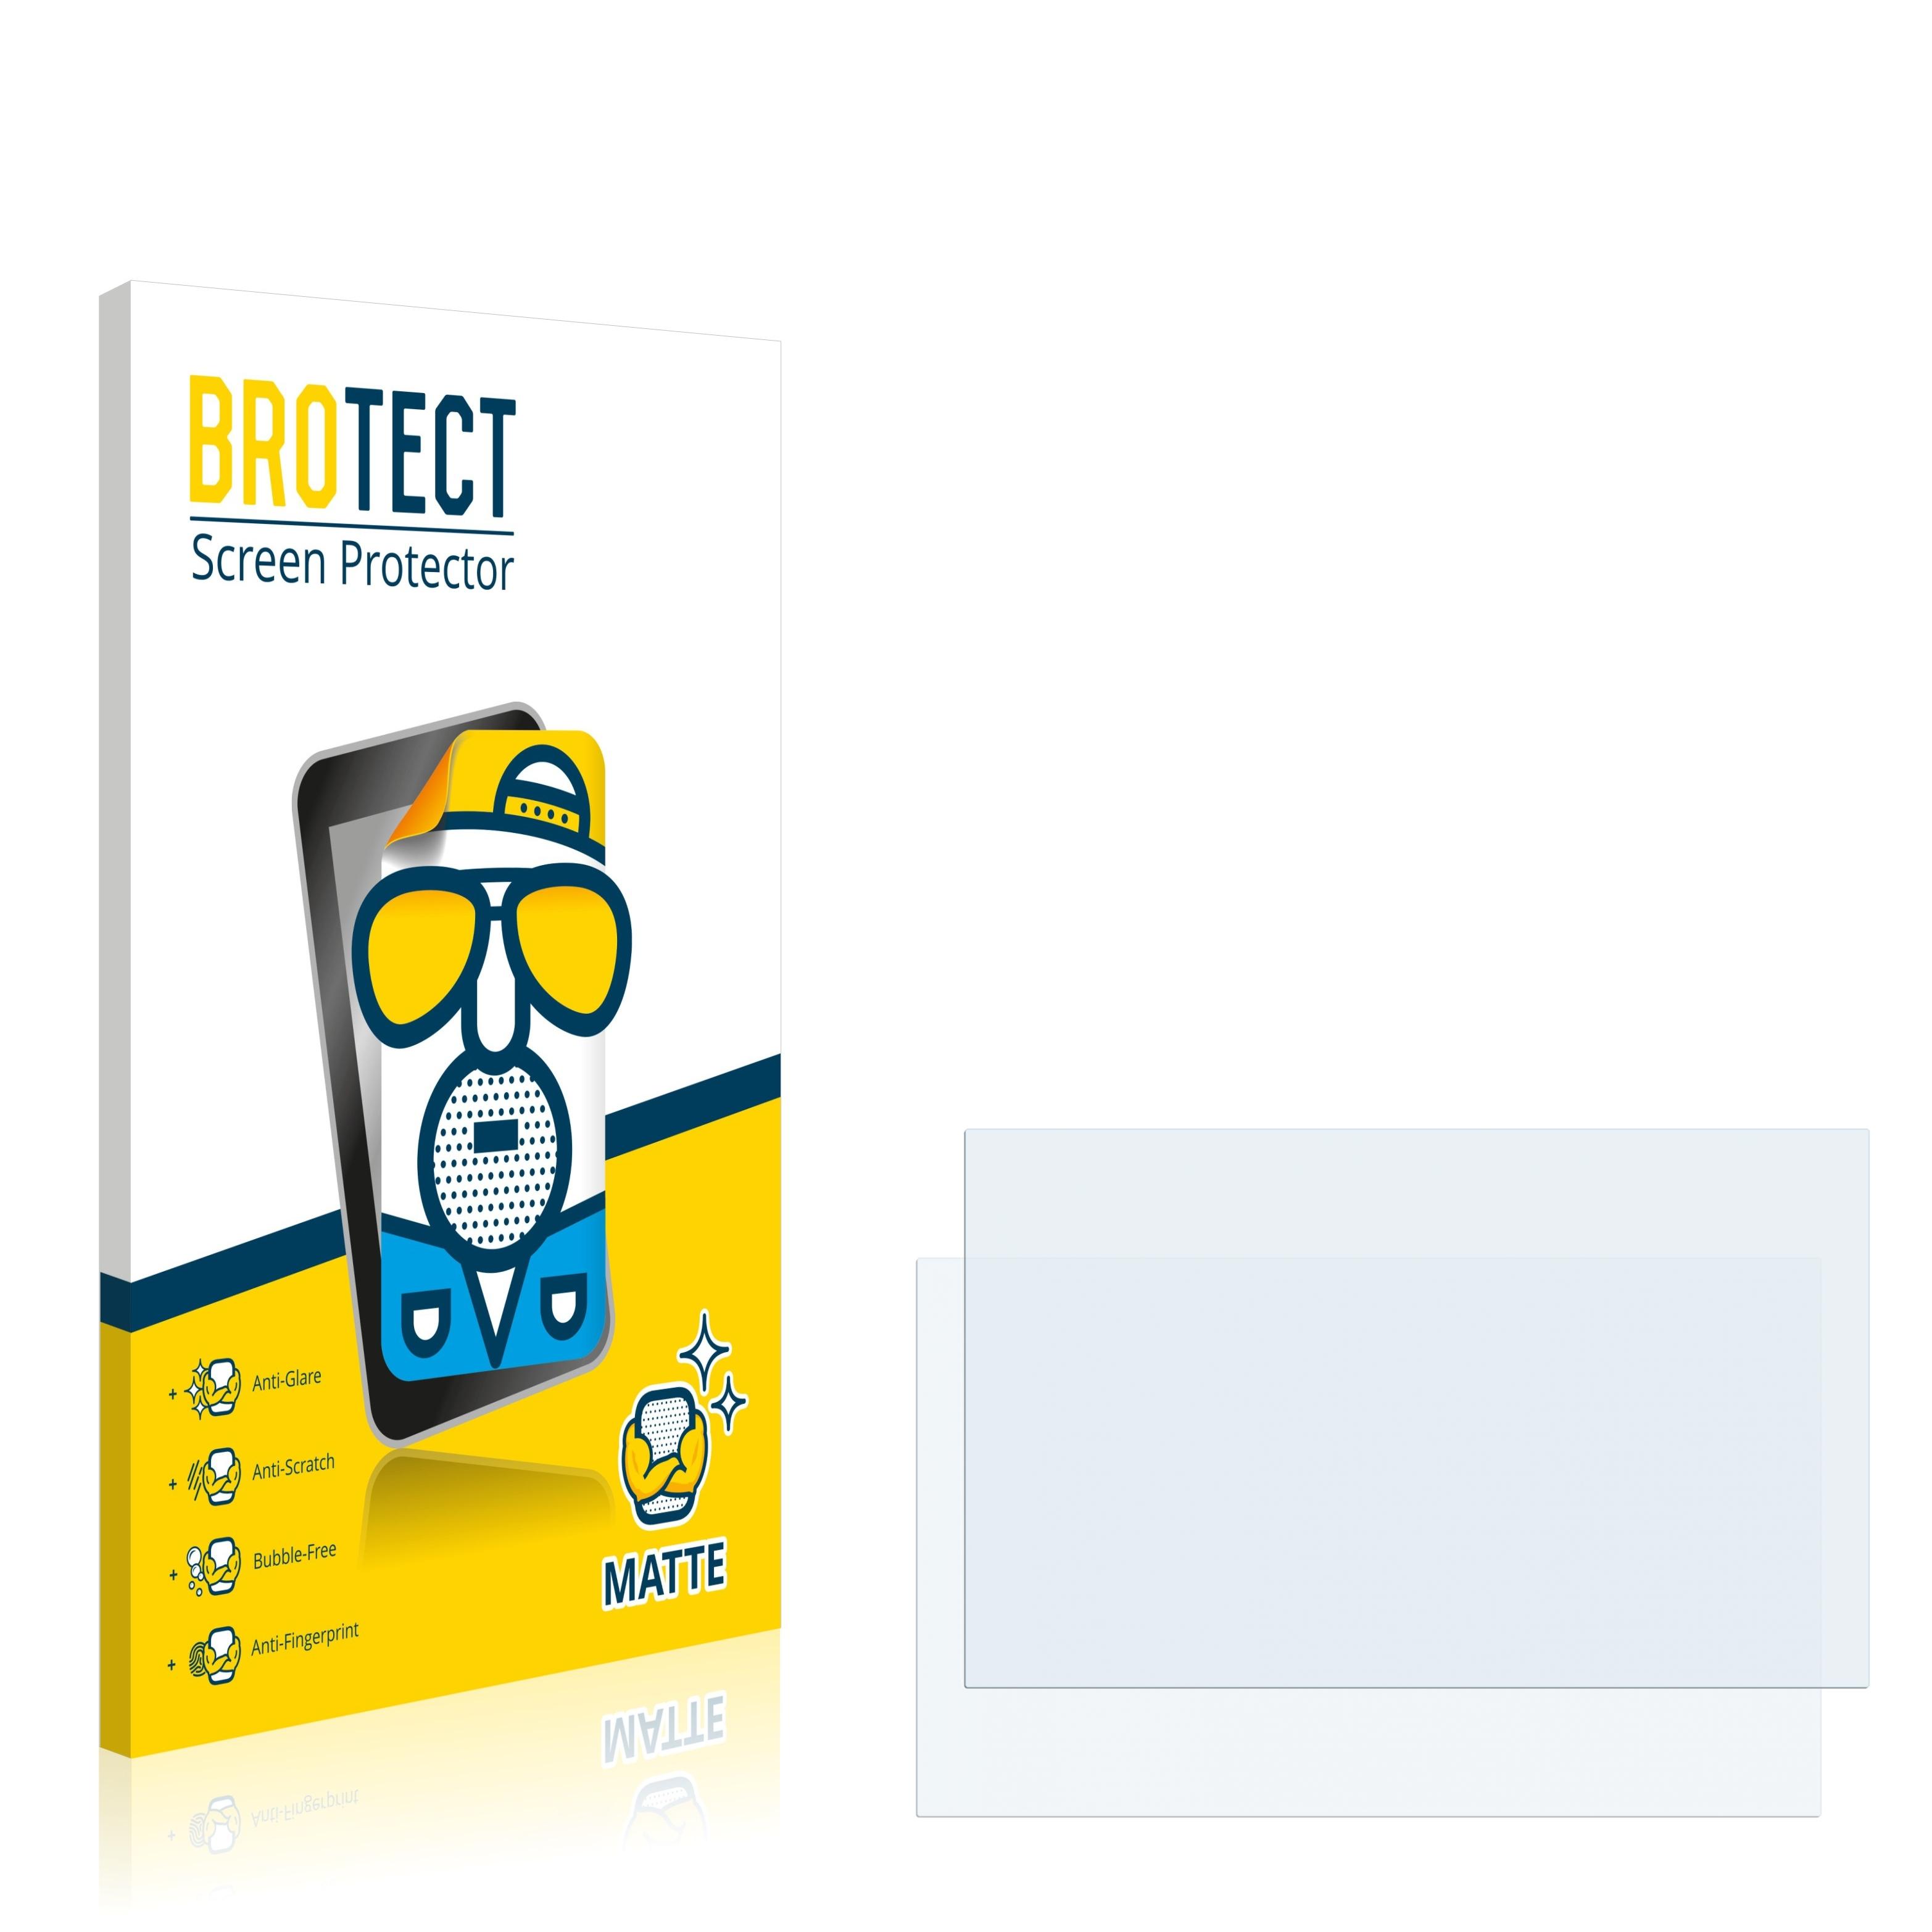 Matná ochranná fólie BROTECT pro Acer Iconia Tab W501, 2 ks